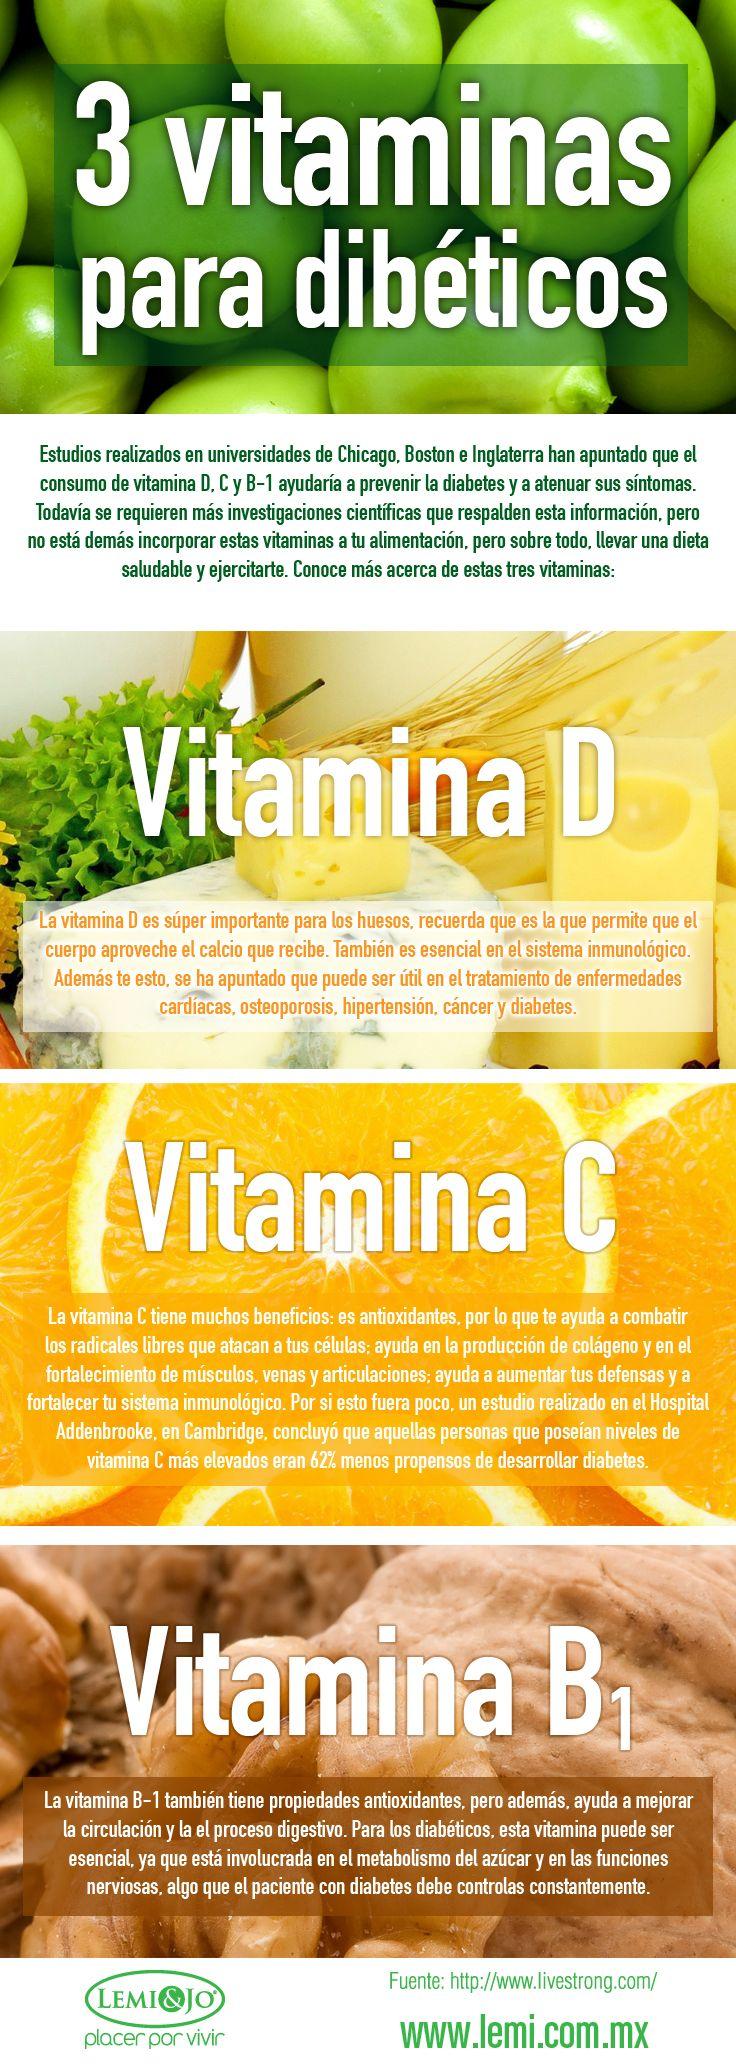 mjh.Infografía: 3 #vitaminas para diabéticos. #salud y #bienestar